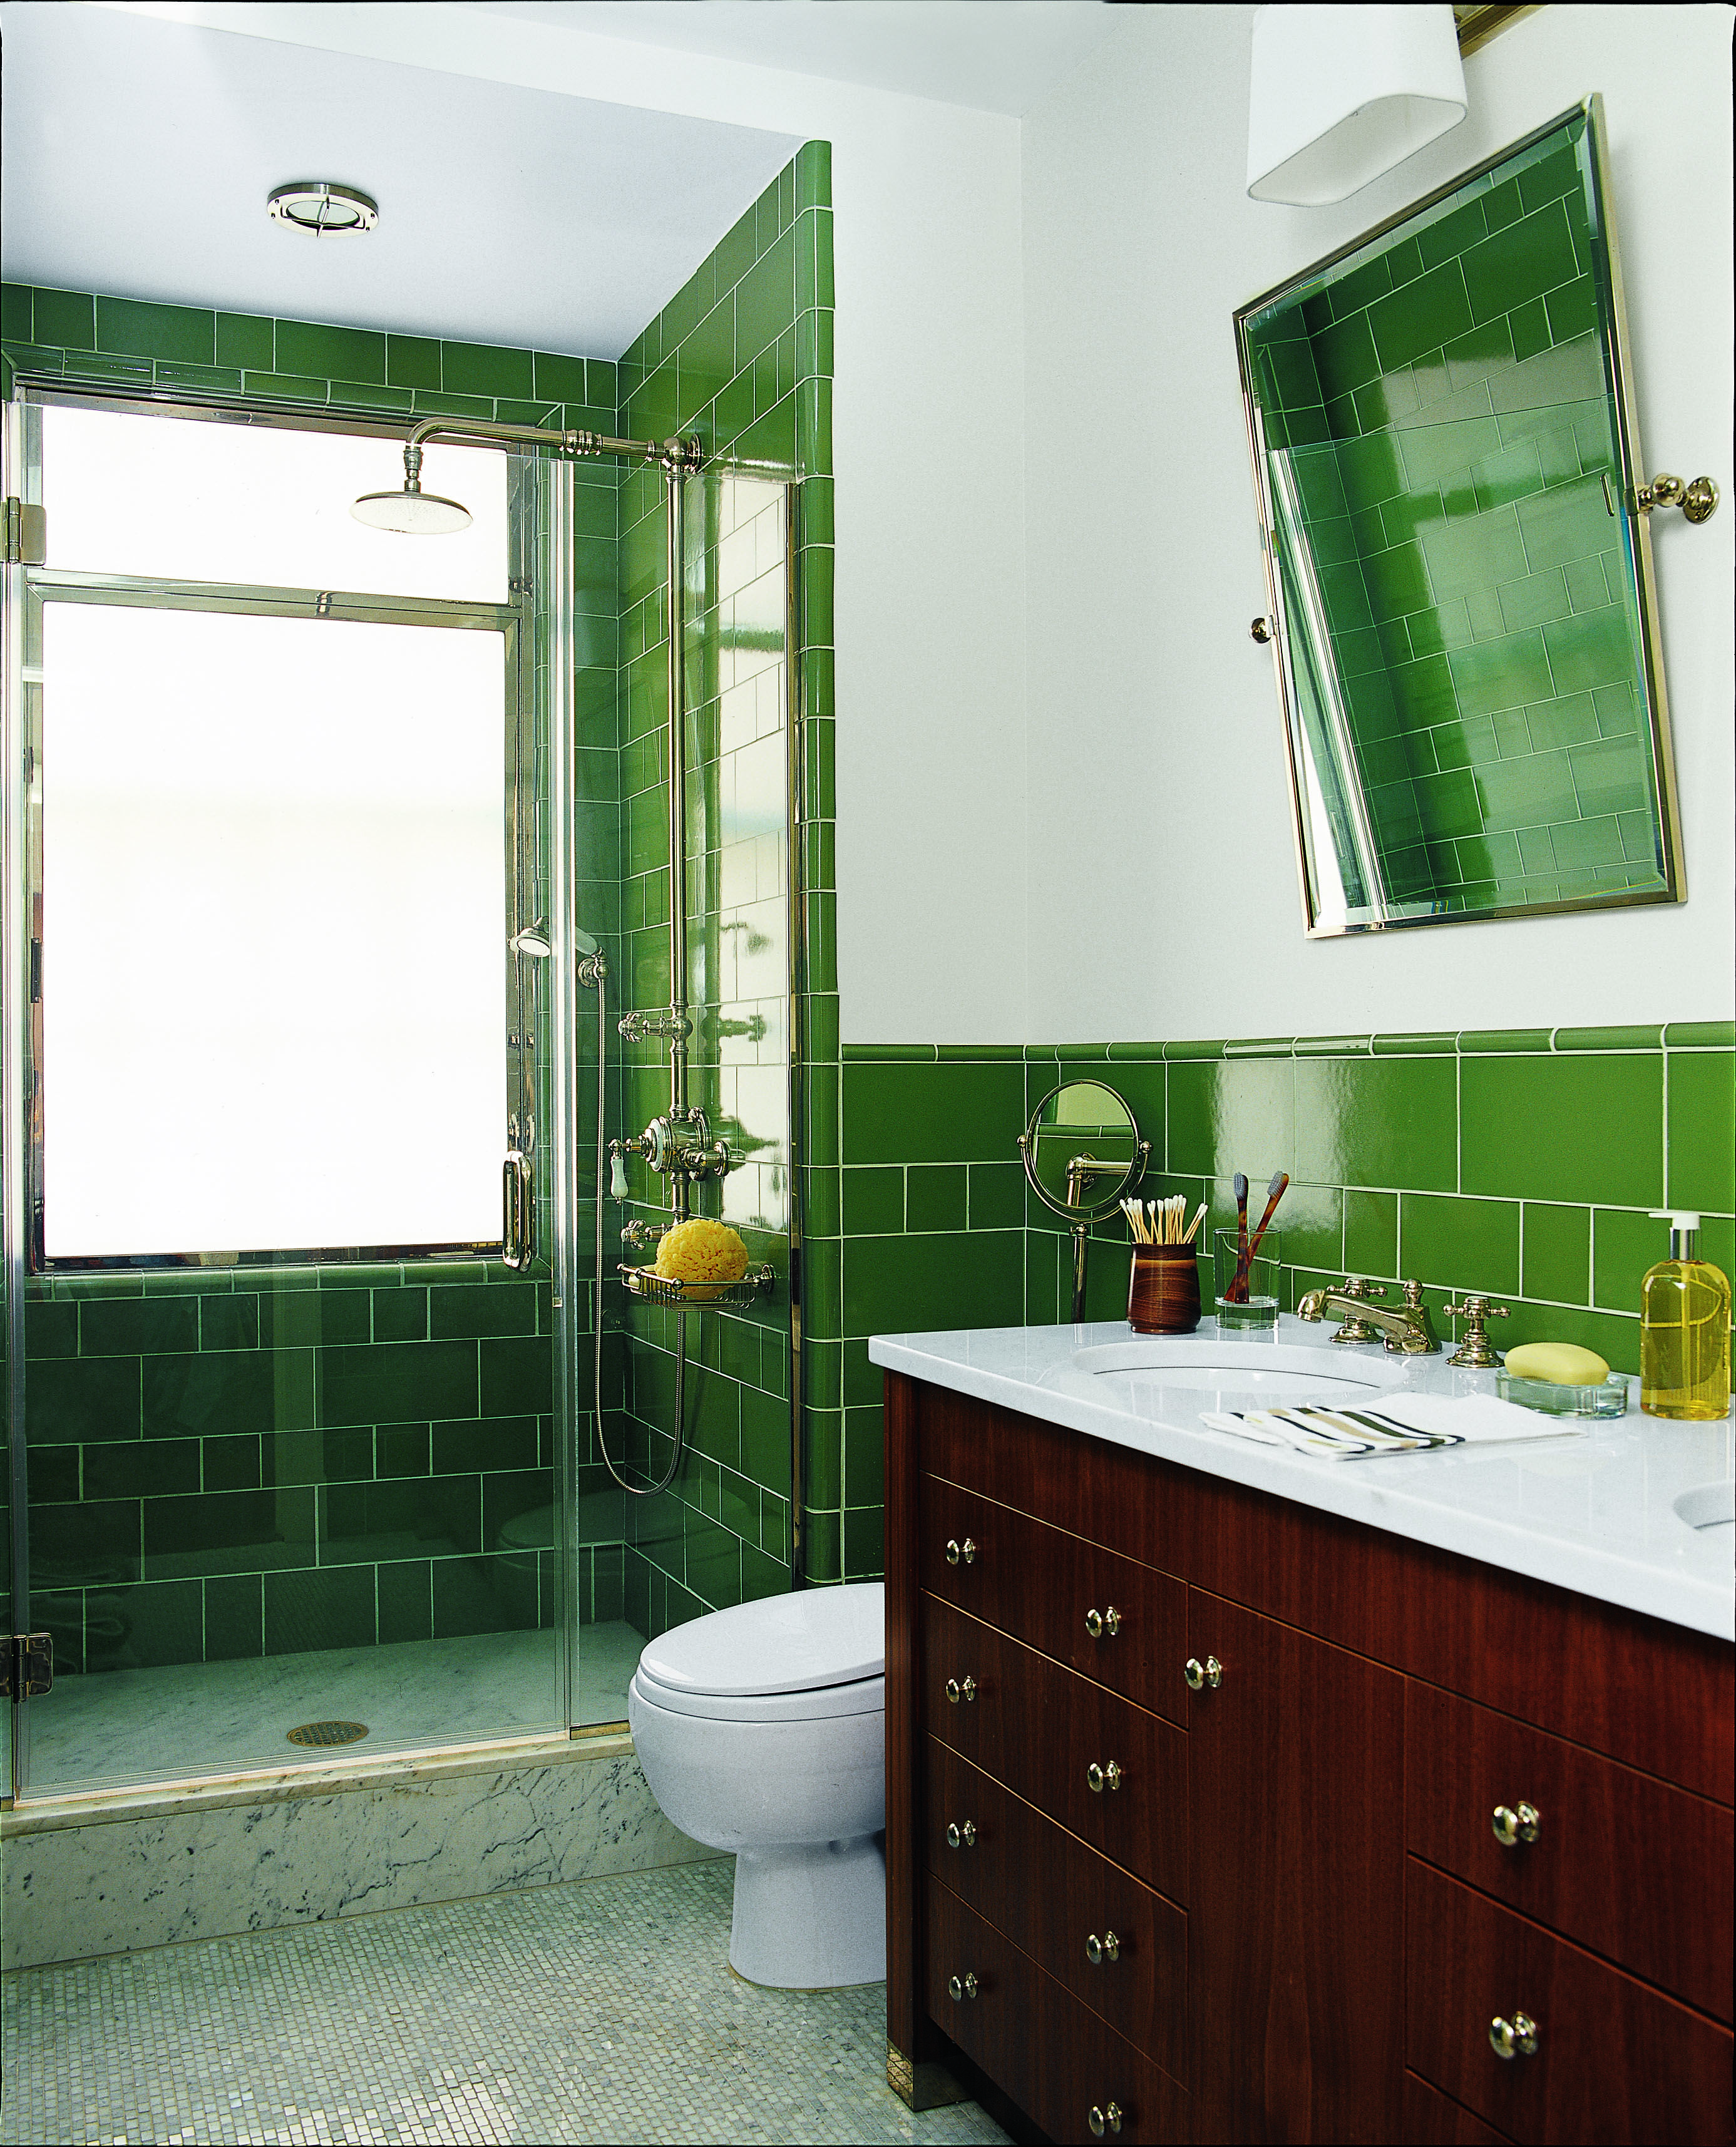 24 Creative Blue And Green Tiled Bathrooms Best Tiled Bathroom Ideas